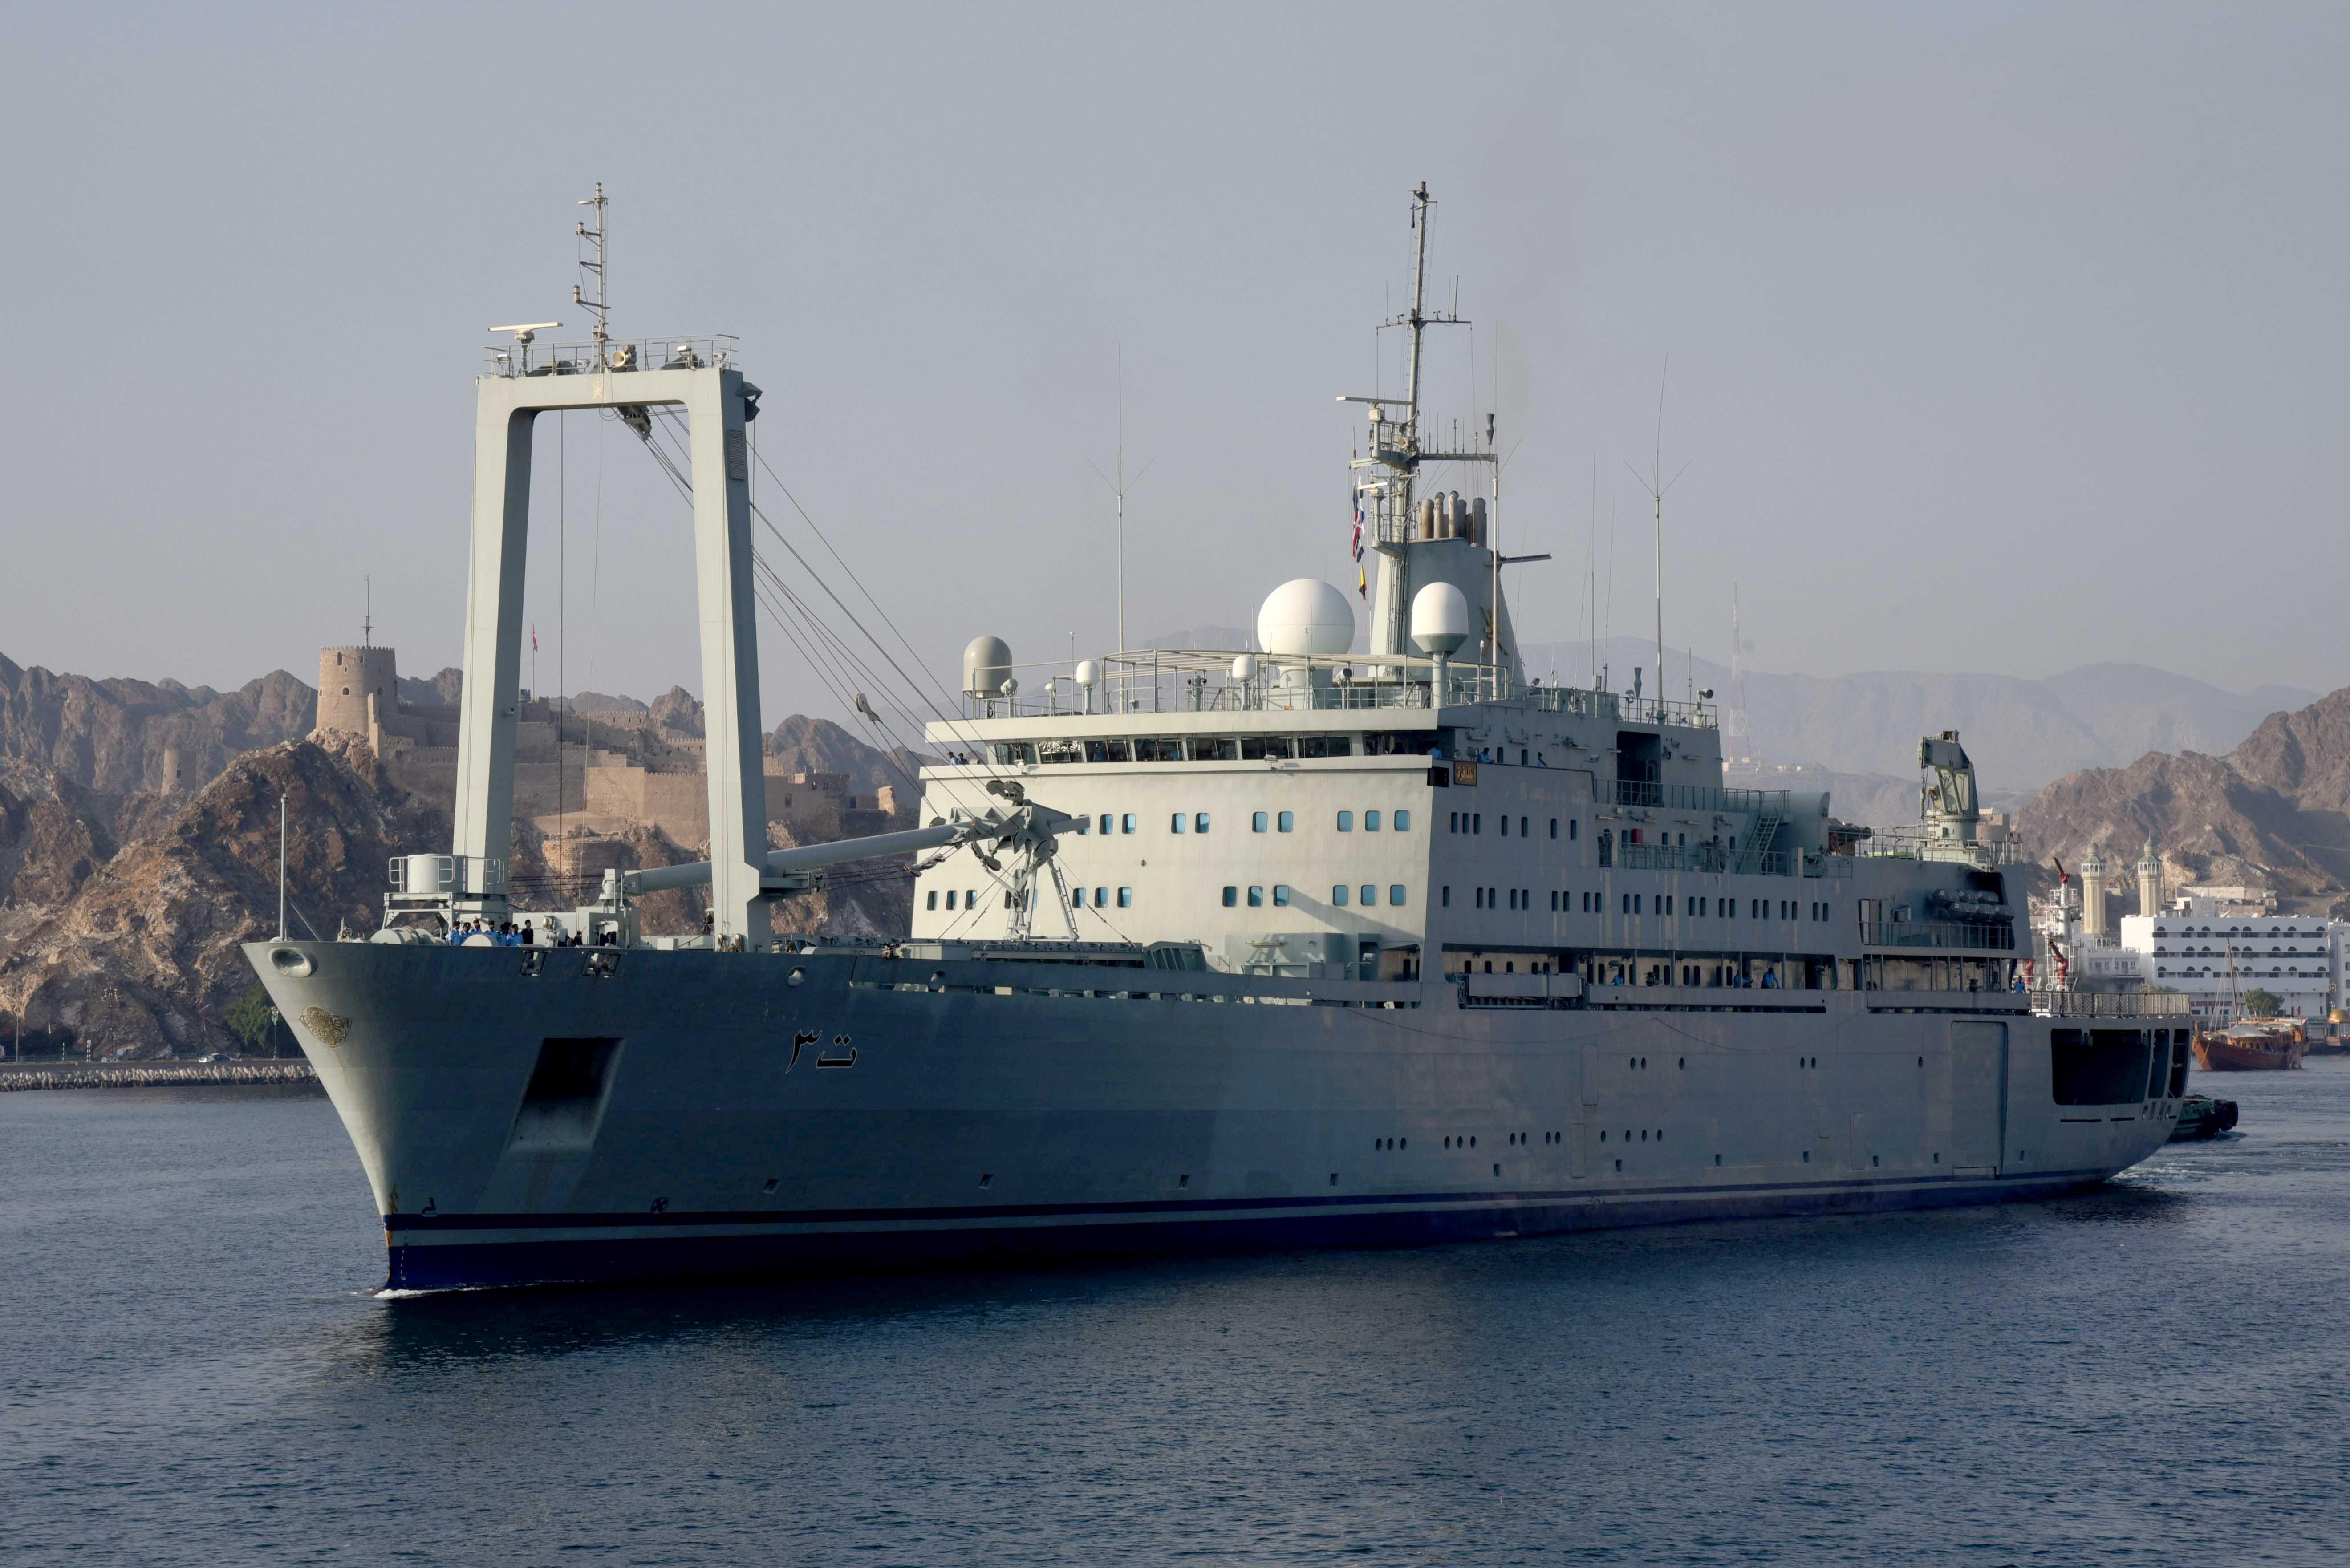 البحرية السلطانية العمانية تشارك في التمرين البحري الدولي لعام 2019